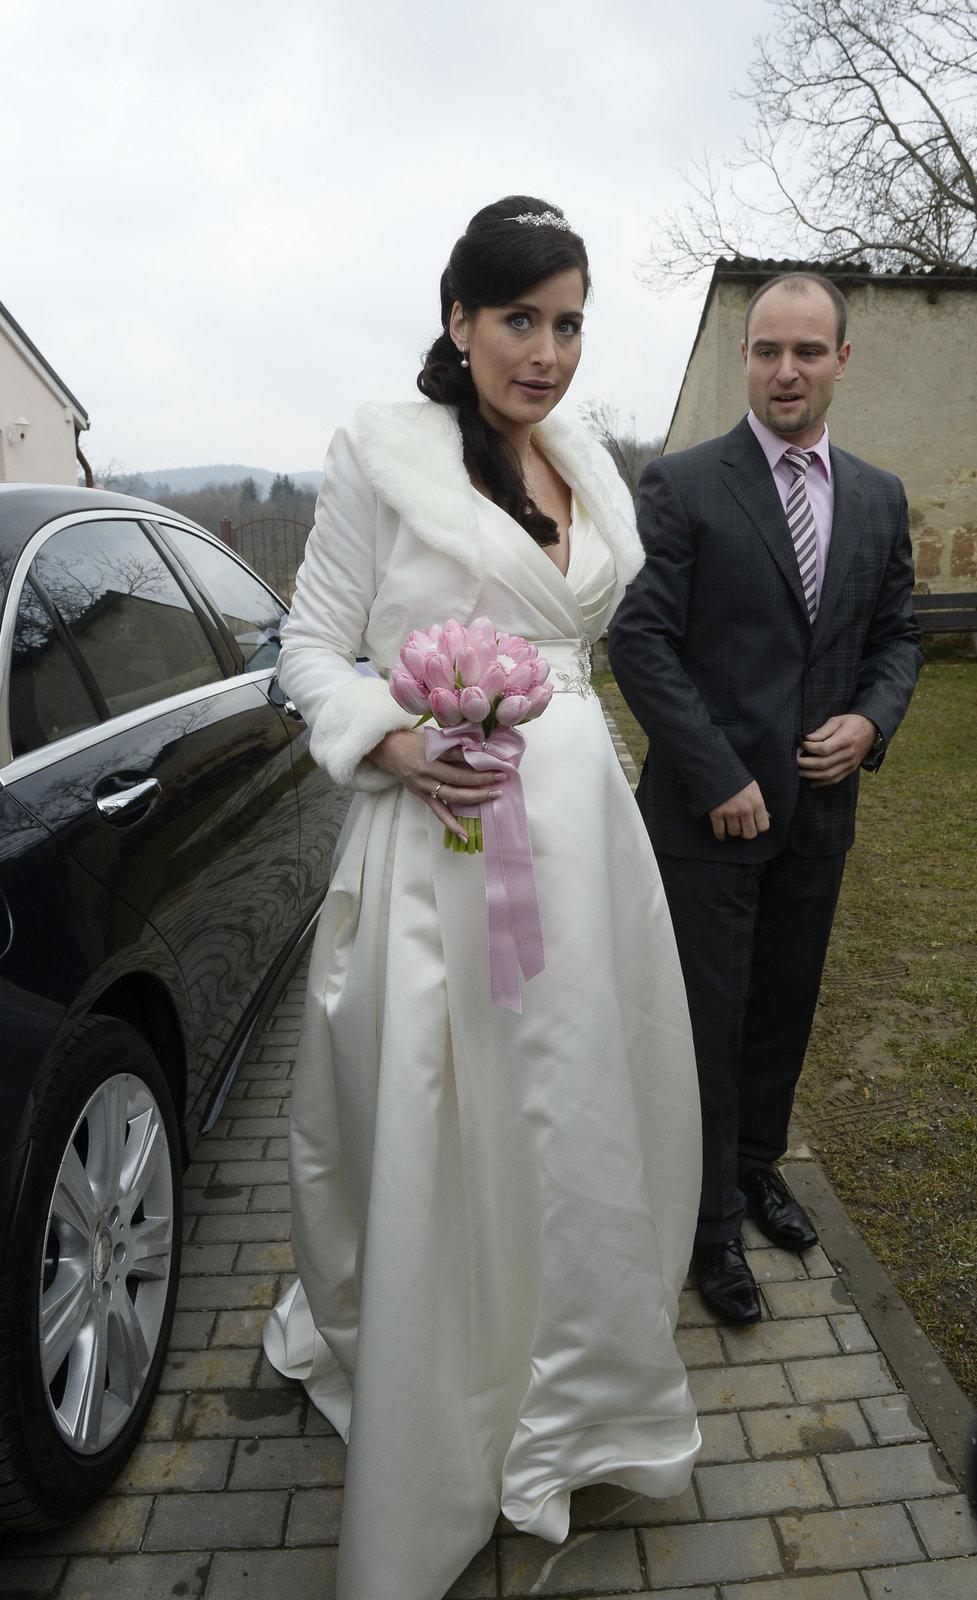 Svatba kancléře Mynáře s krásnou Alex: Nevěsta přijela mercedesem.